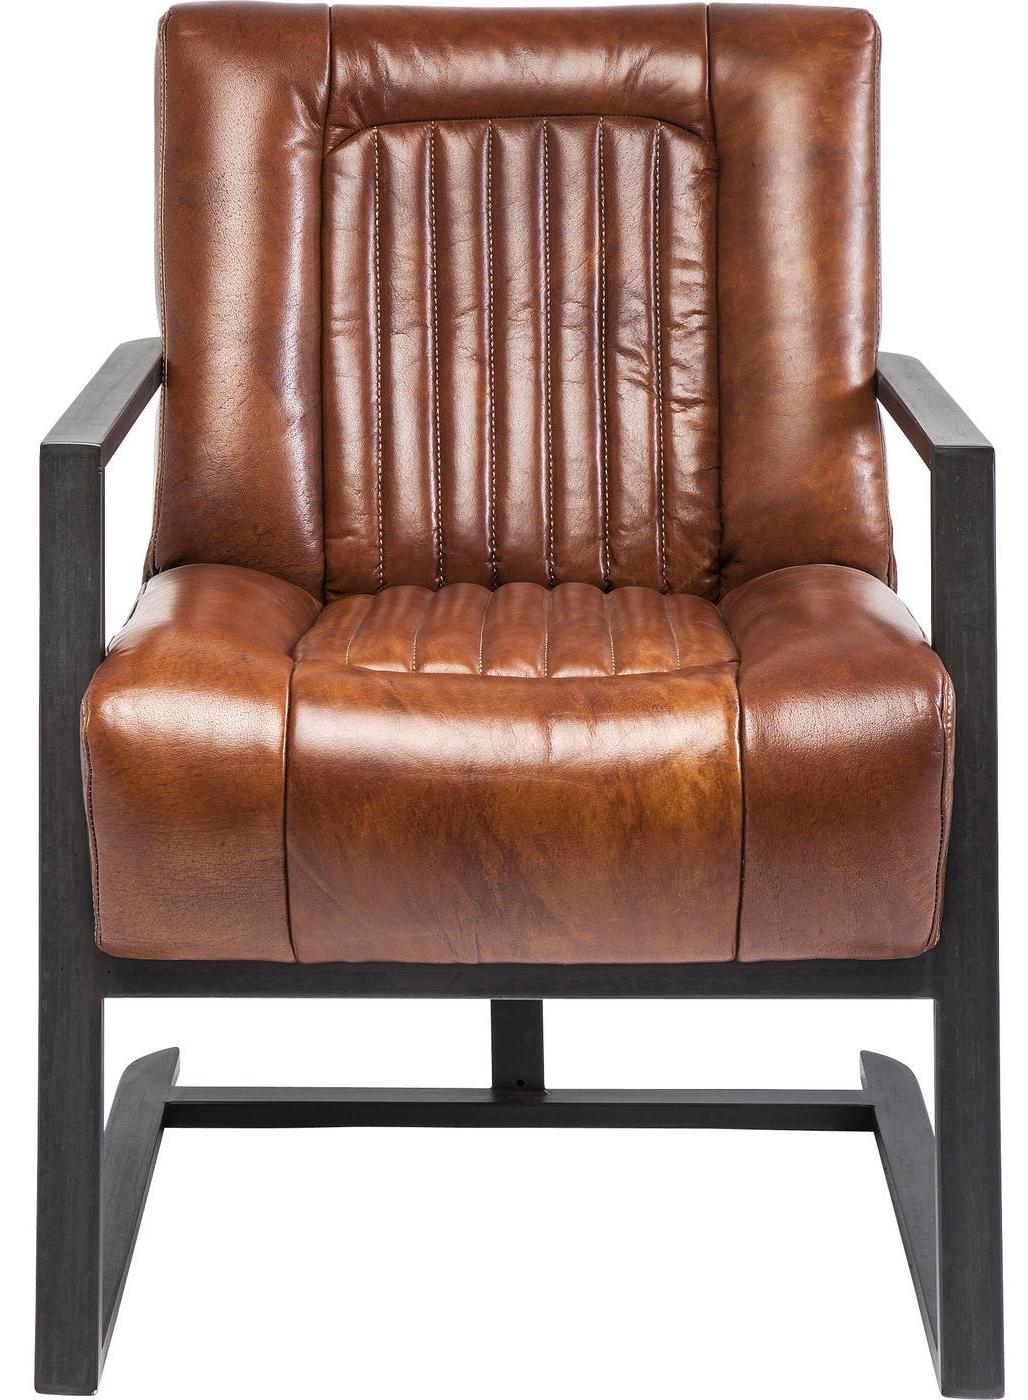 Fauteuil denver kare design in de aanbieding kopen for Eigentijdse fauteuil